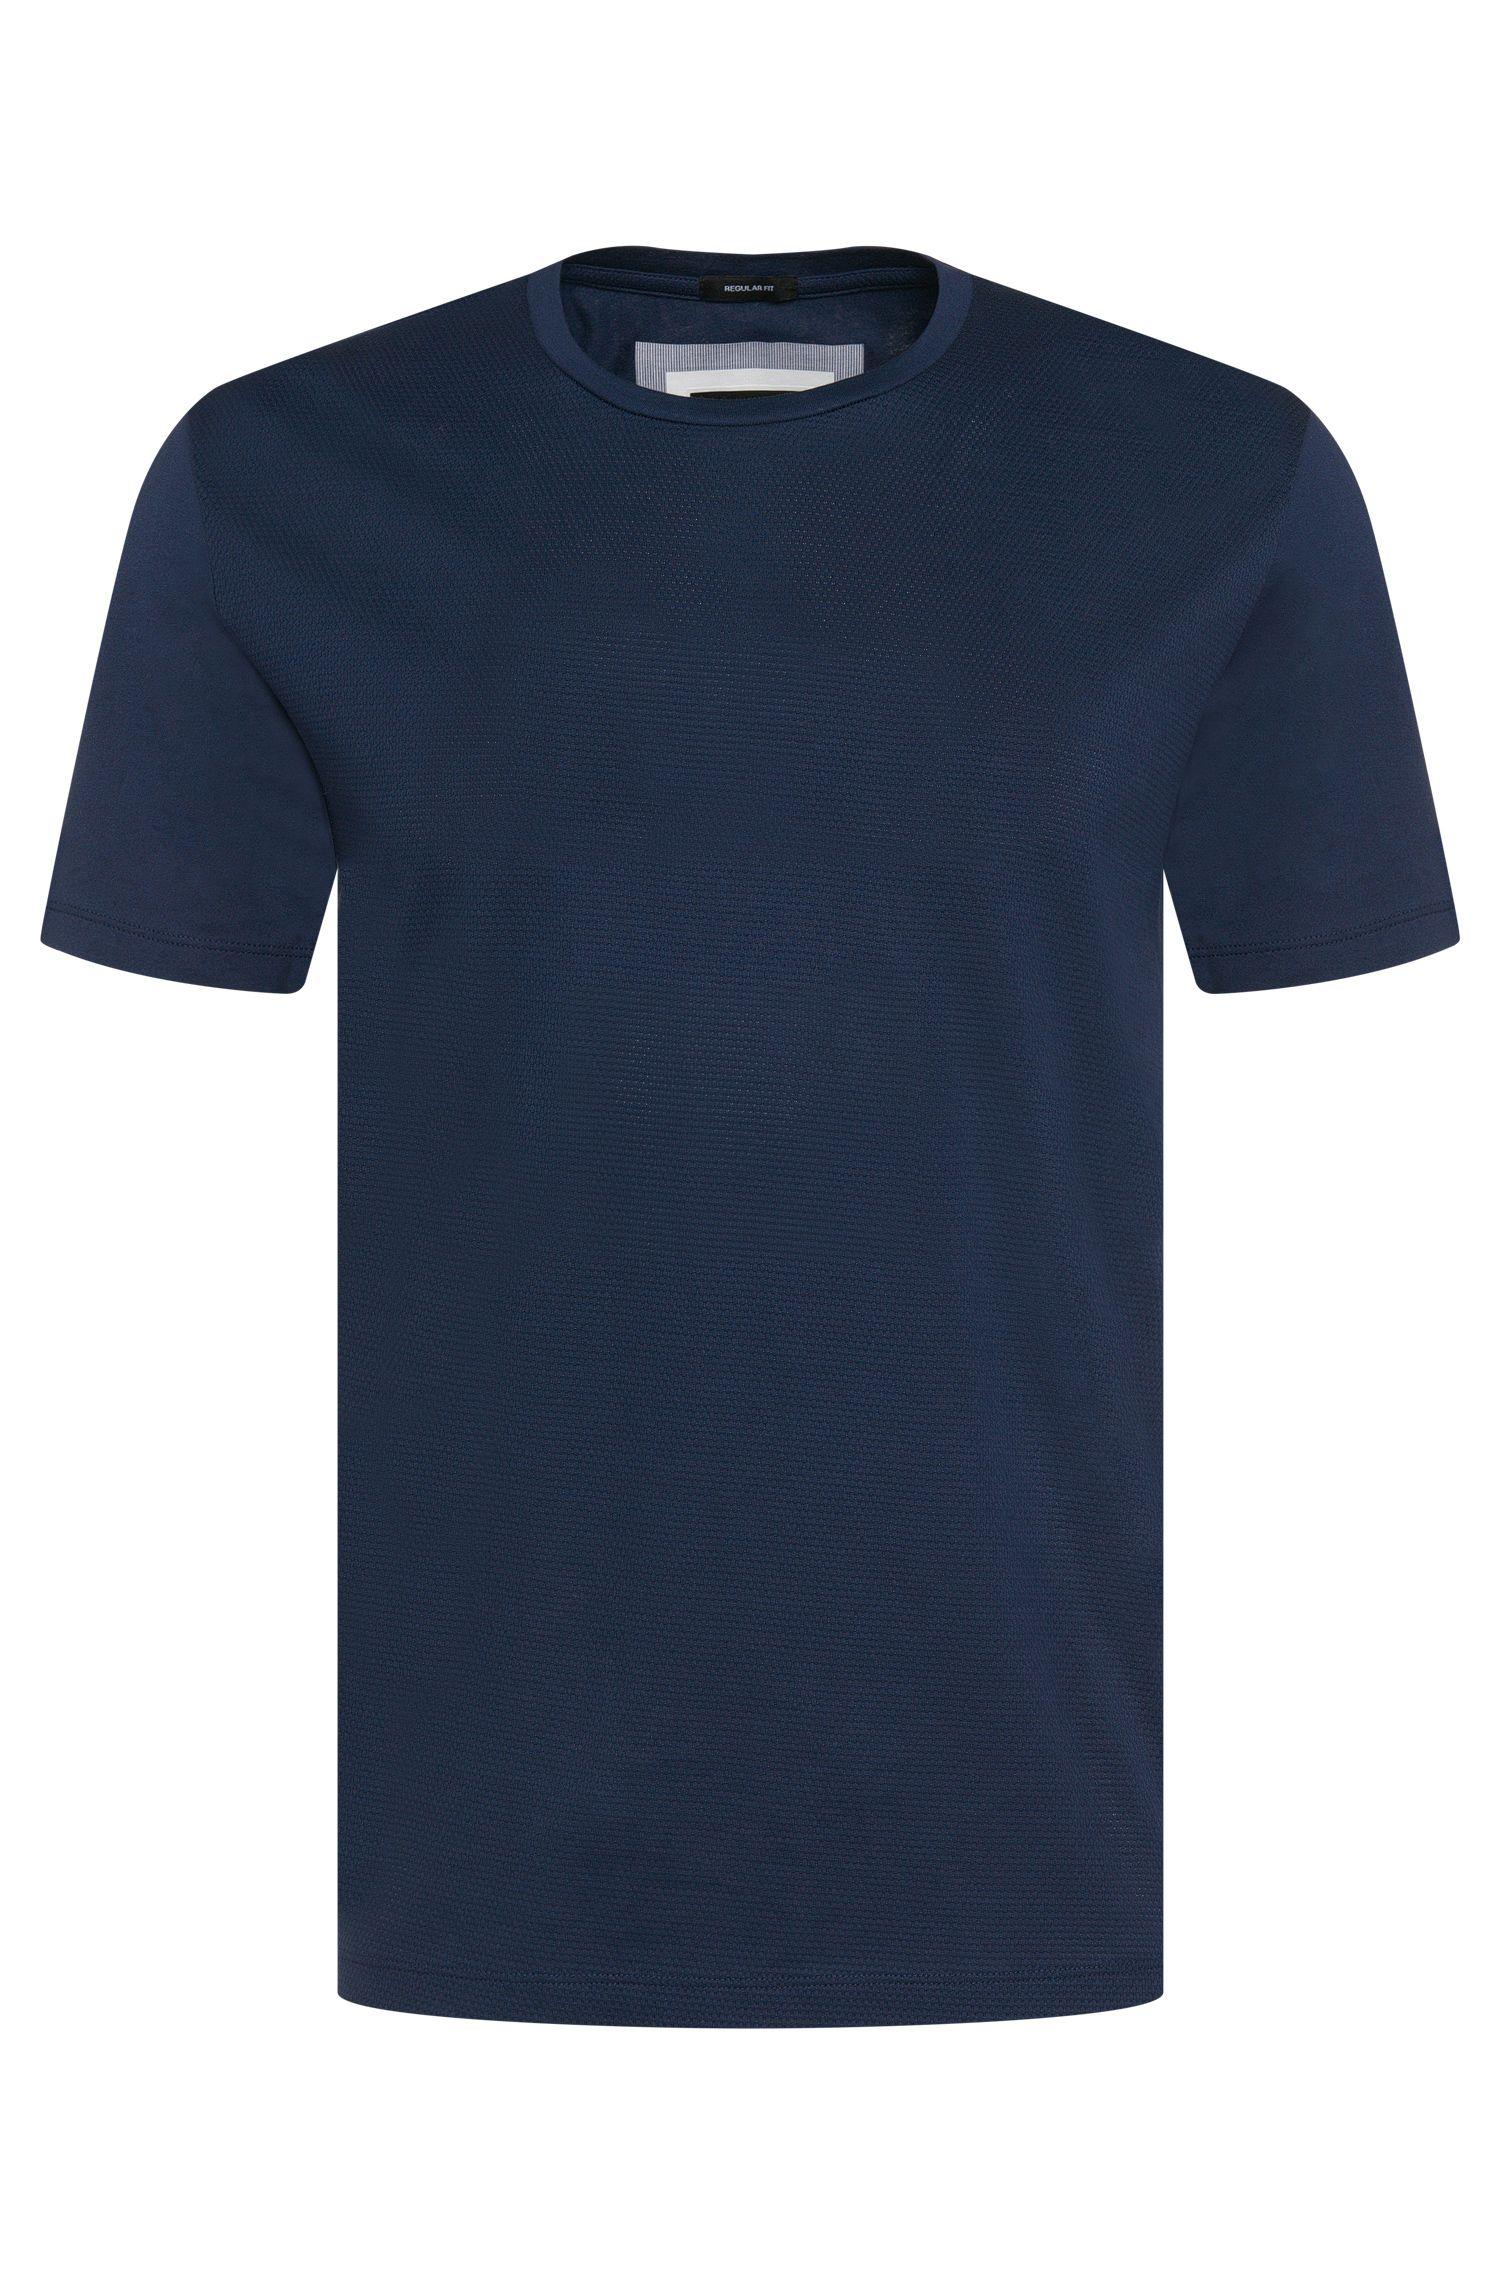 Baumwoll-Shirt mit strukturierter Vorderseite: 'Tiburt 07'